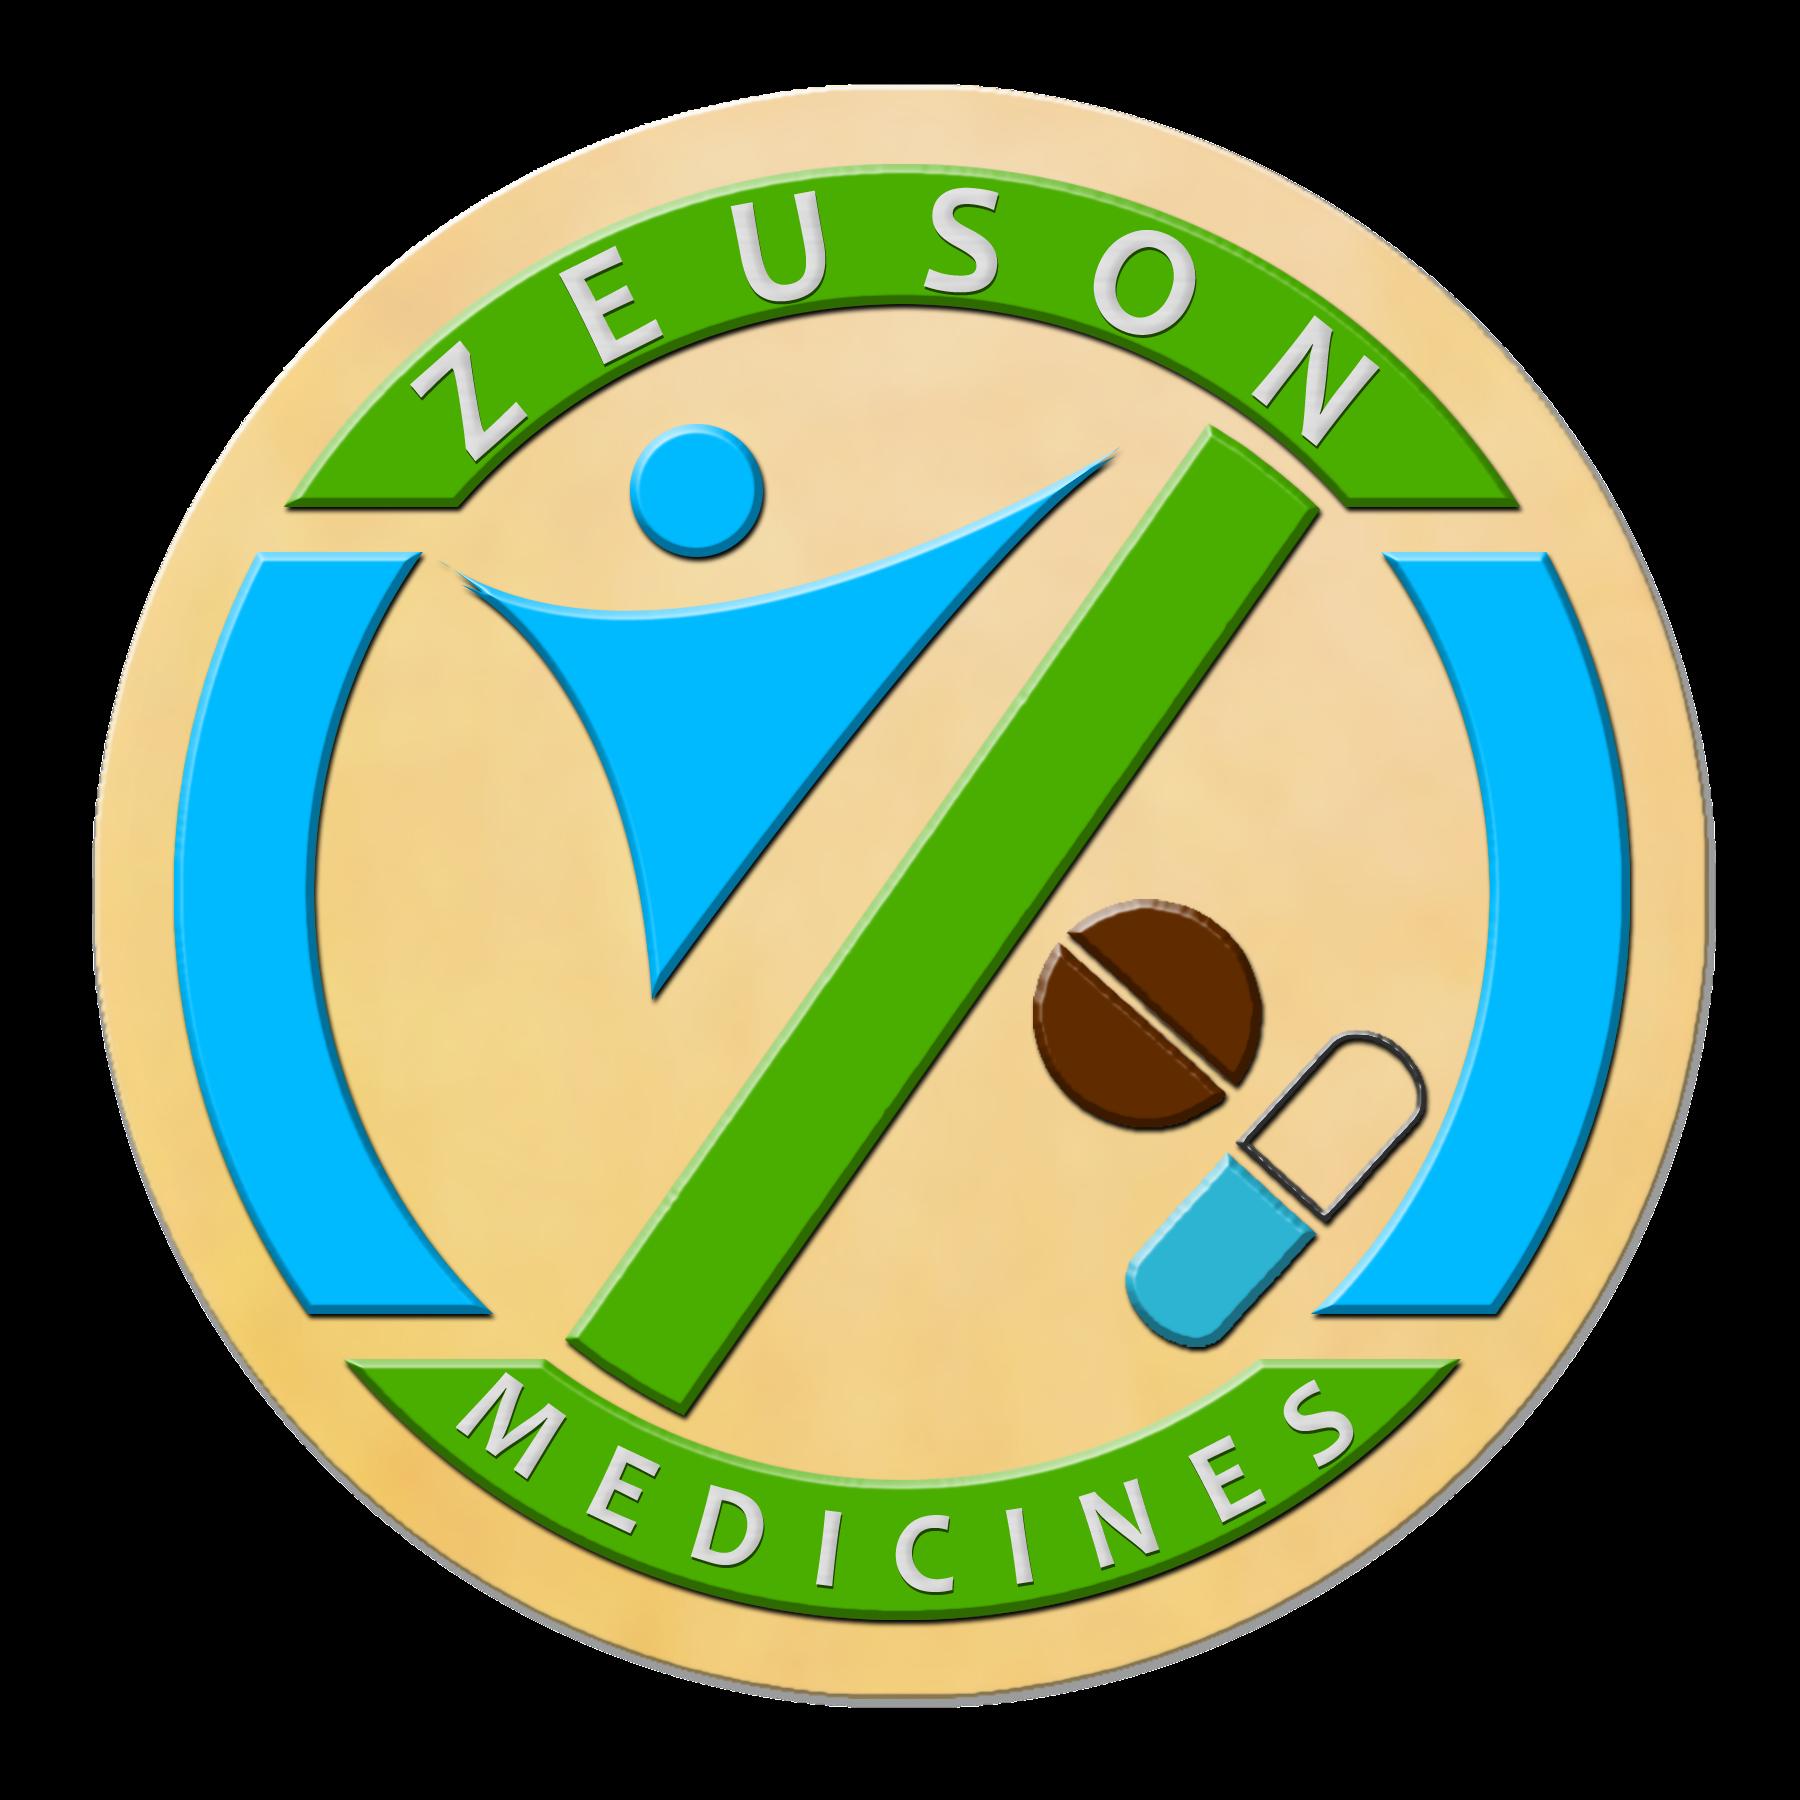 ZeusonMedicines Pvt Ltd